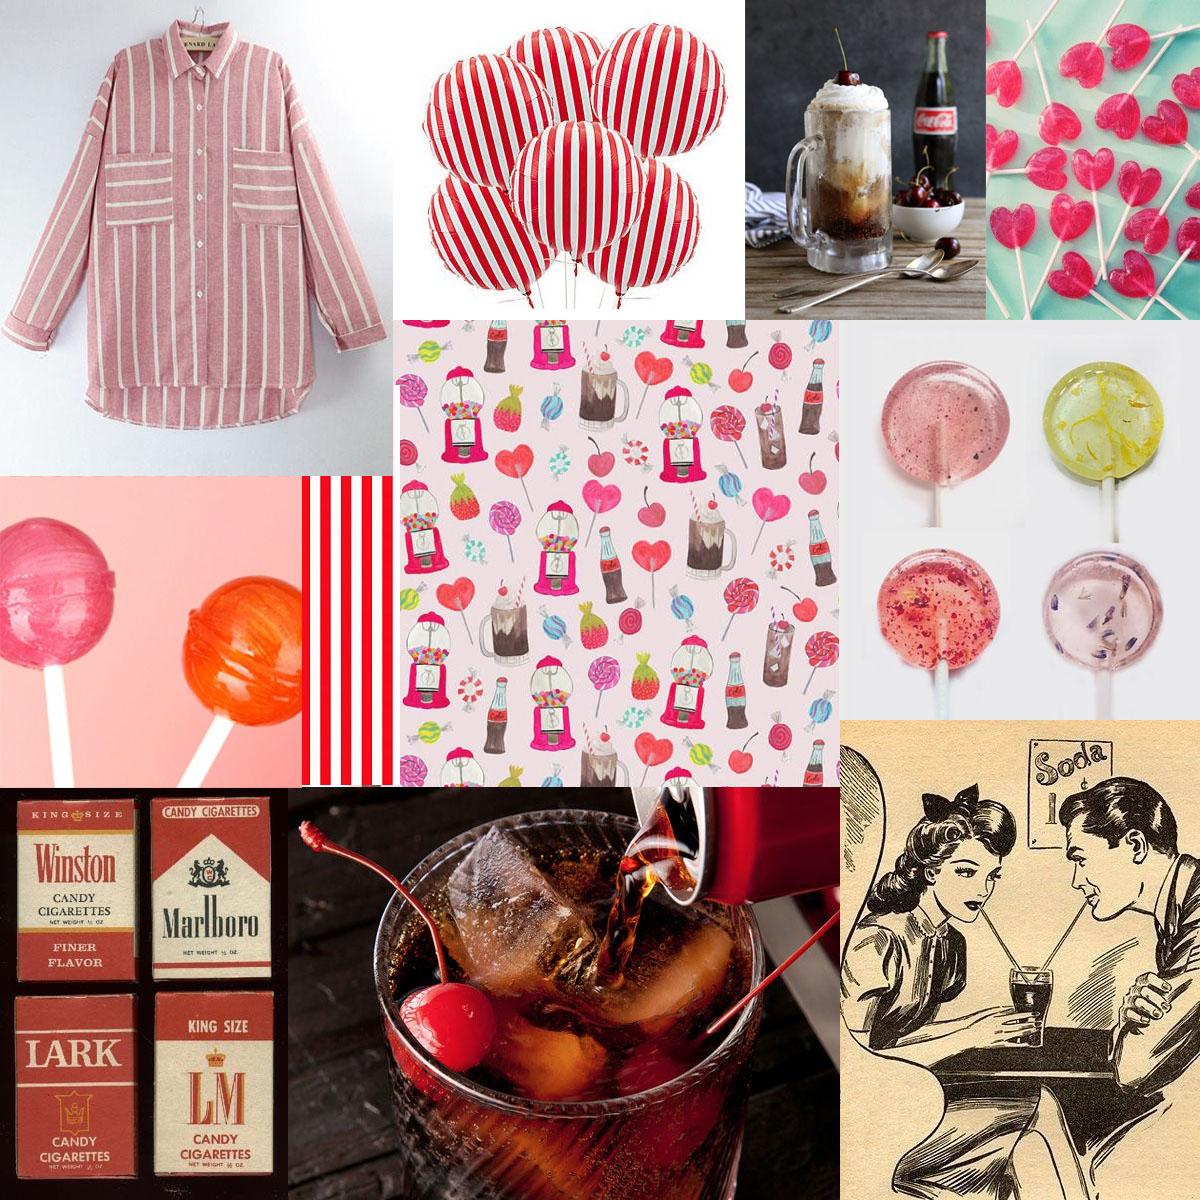 1950s fashion inspiration board